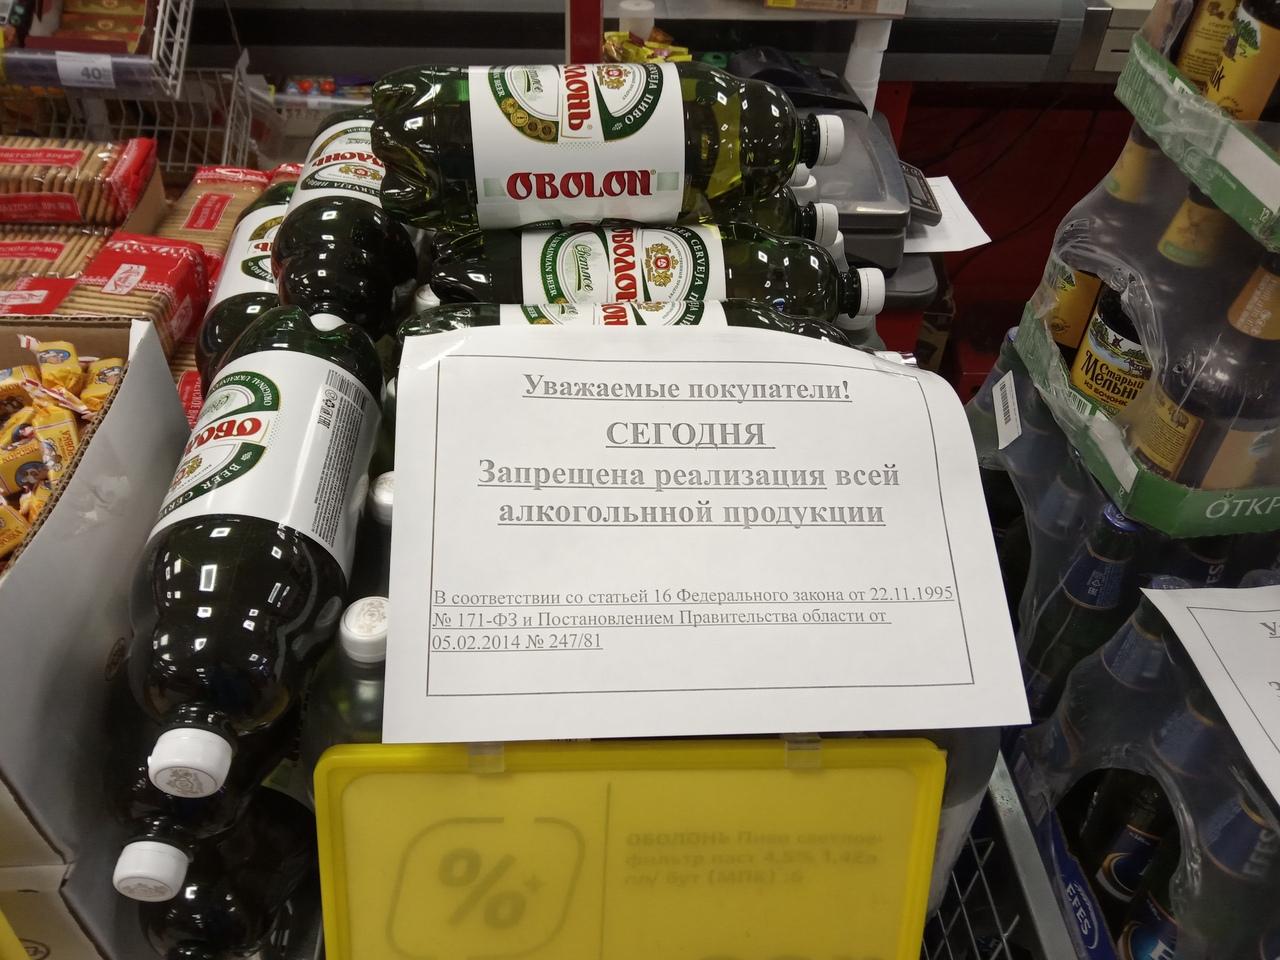 Продают Ли Сегодня Алкоголь В Магазинах Кирова